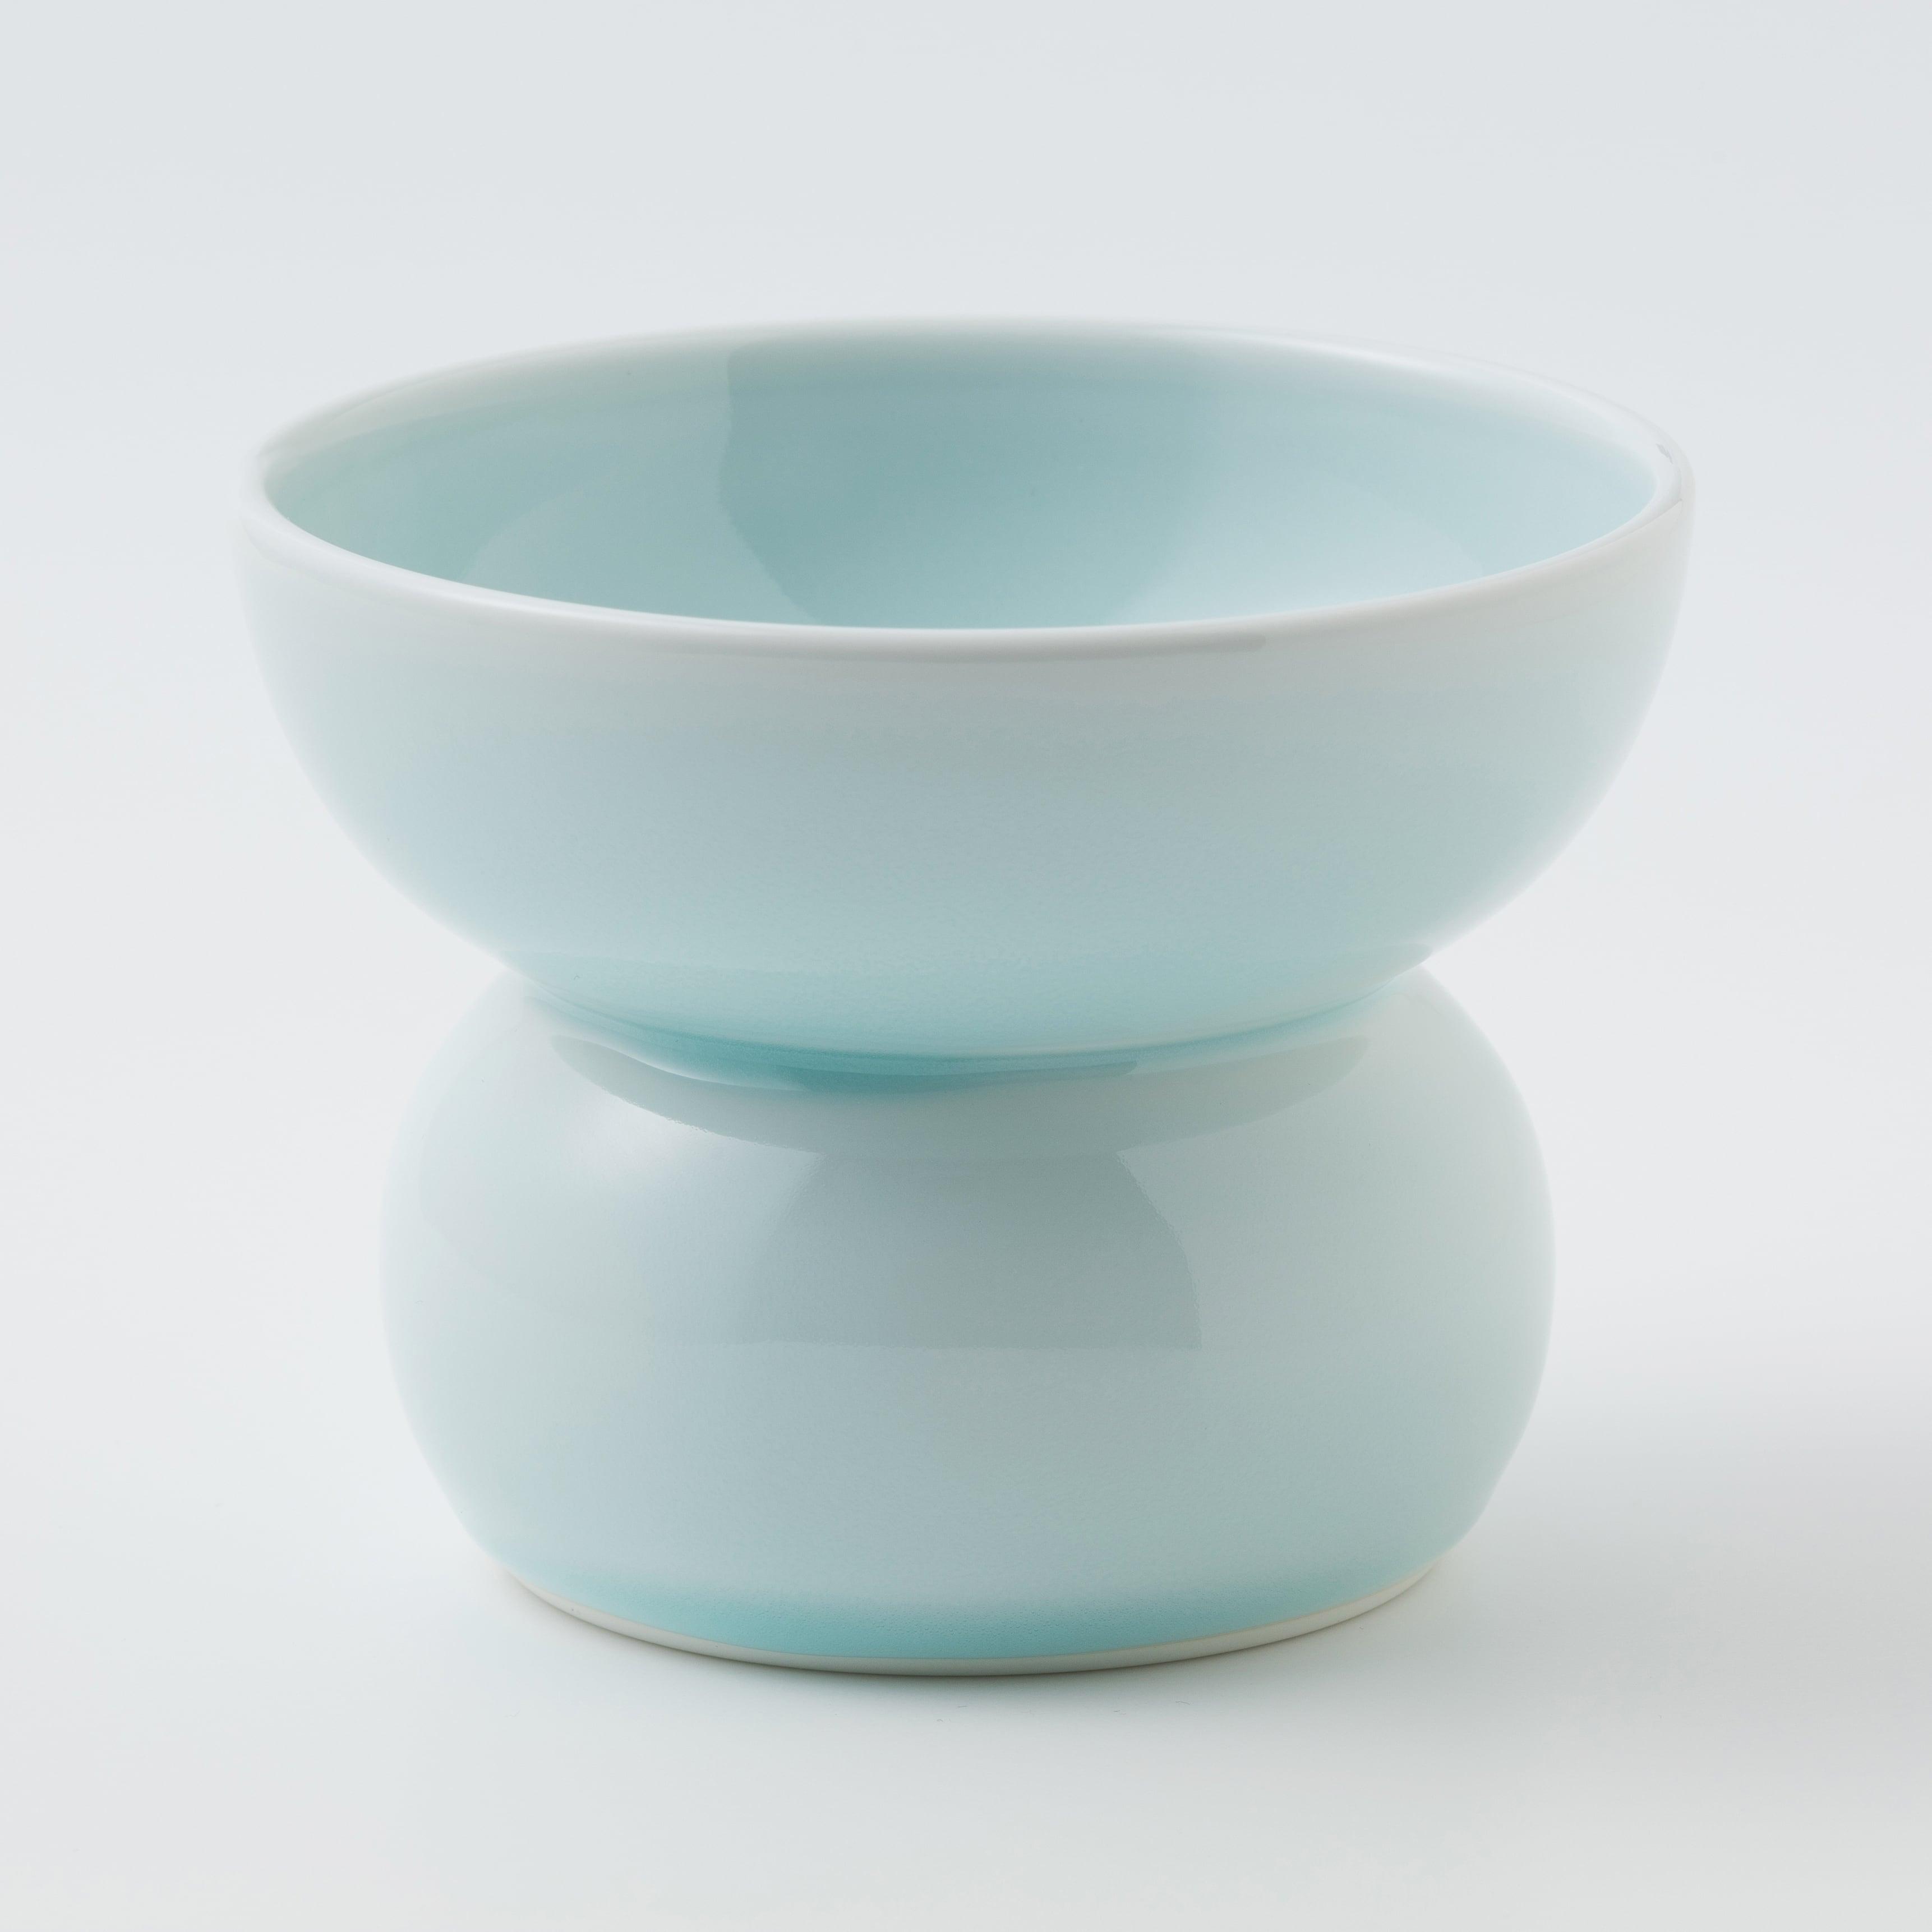 有田焼【まどか】ハイタイプ(フード用) 青龍(せいりゅう) 製造:アリタポーセリンラボ